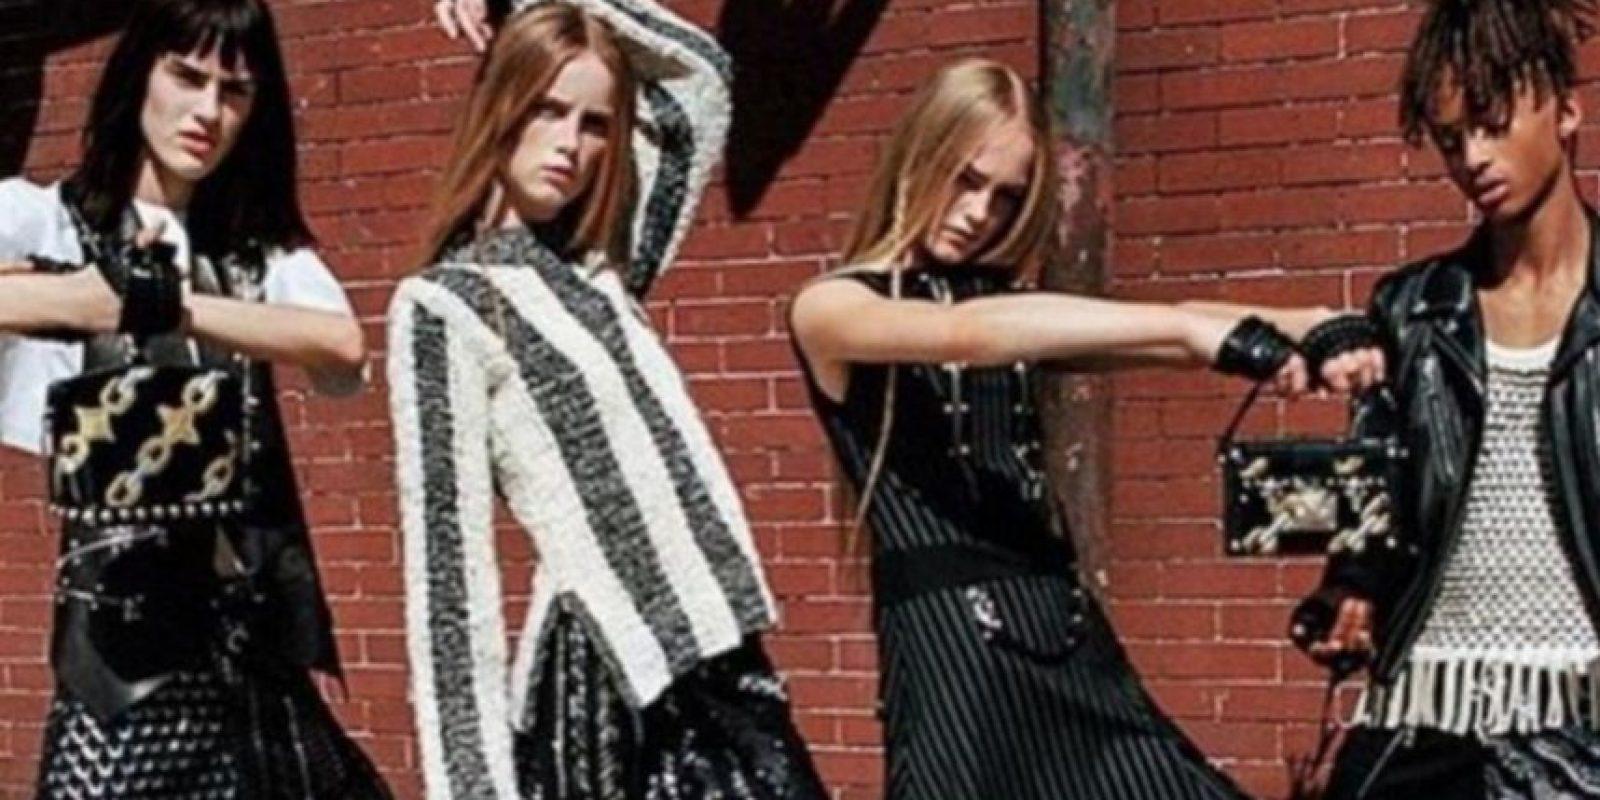 Protagonizó la campaña de Louis Vuitton vestido de mujer Foto:Instagram/@christiaingrey. Imagen Por: